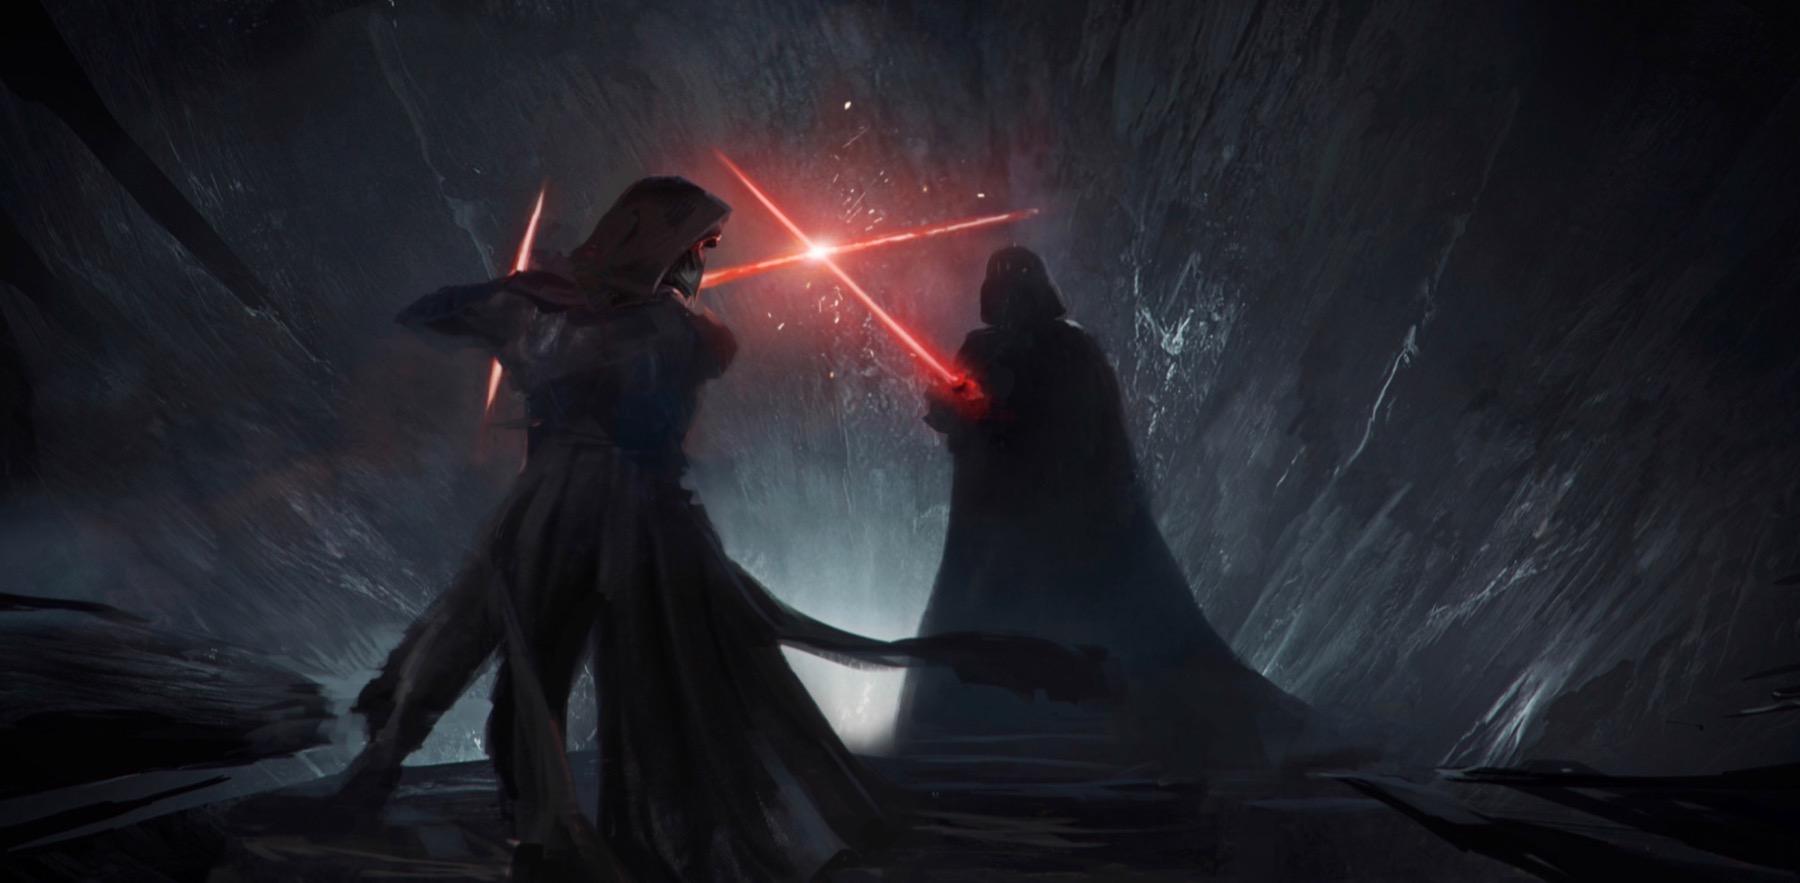 Star Wars 9 - szkice z wizji niedoszłego reżysera. Tak mogła wyglądać największa bitwa Gwiezdnej Sagi